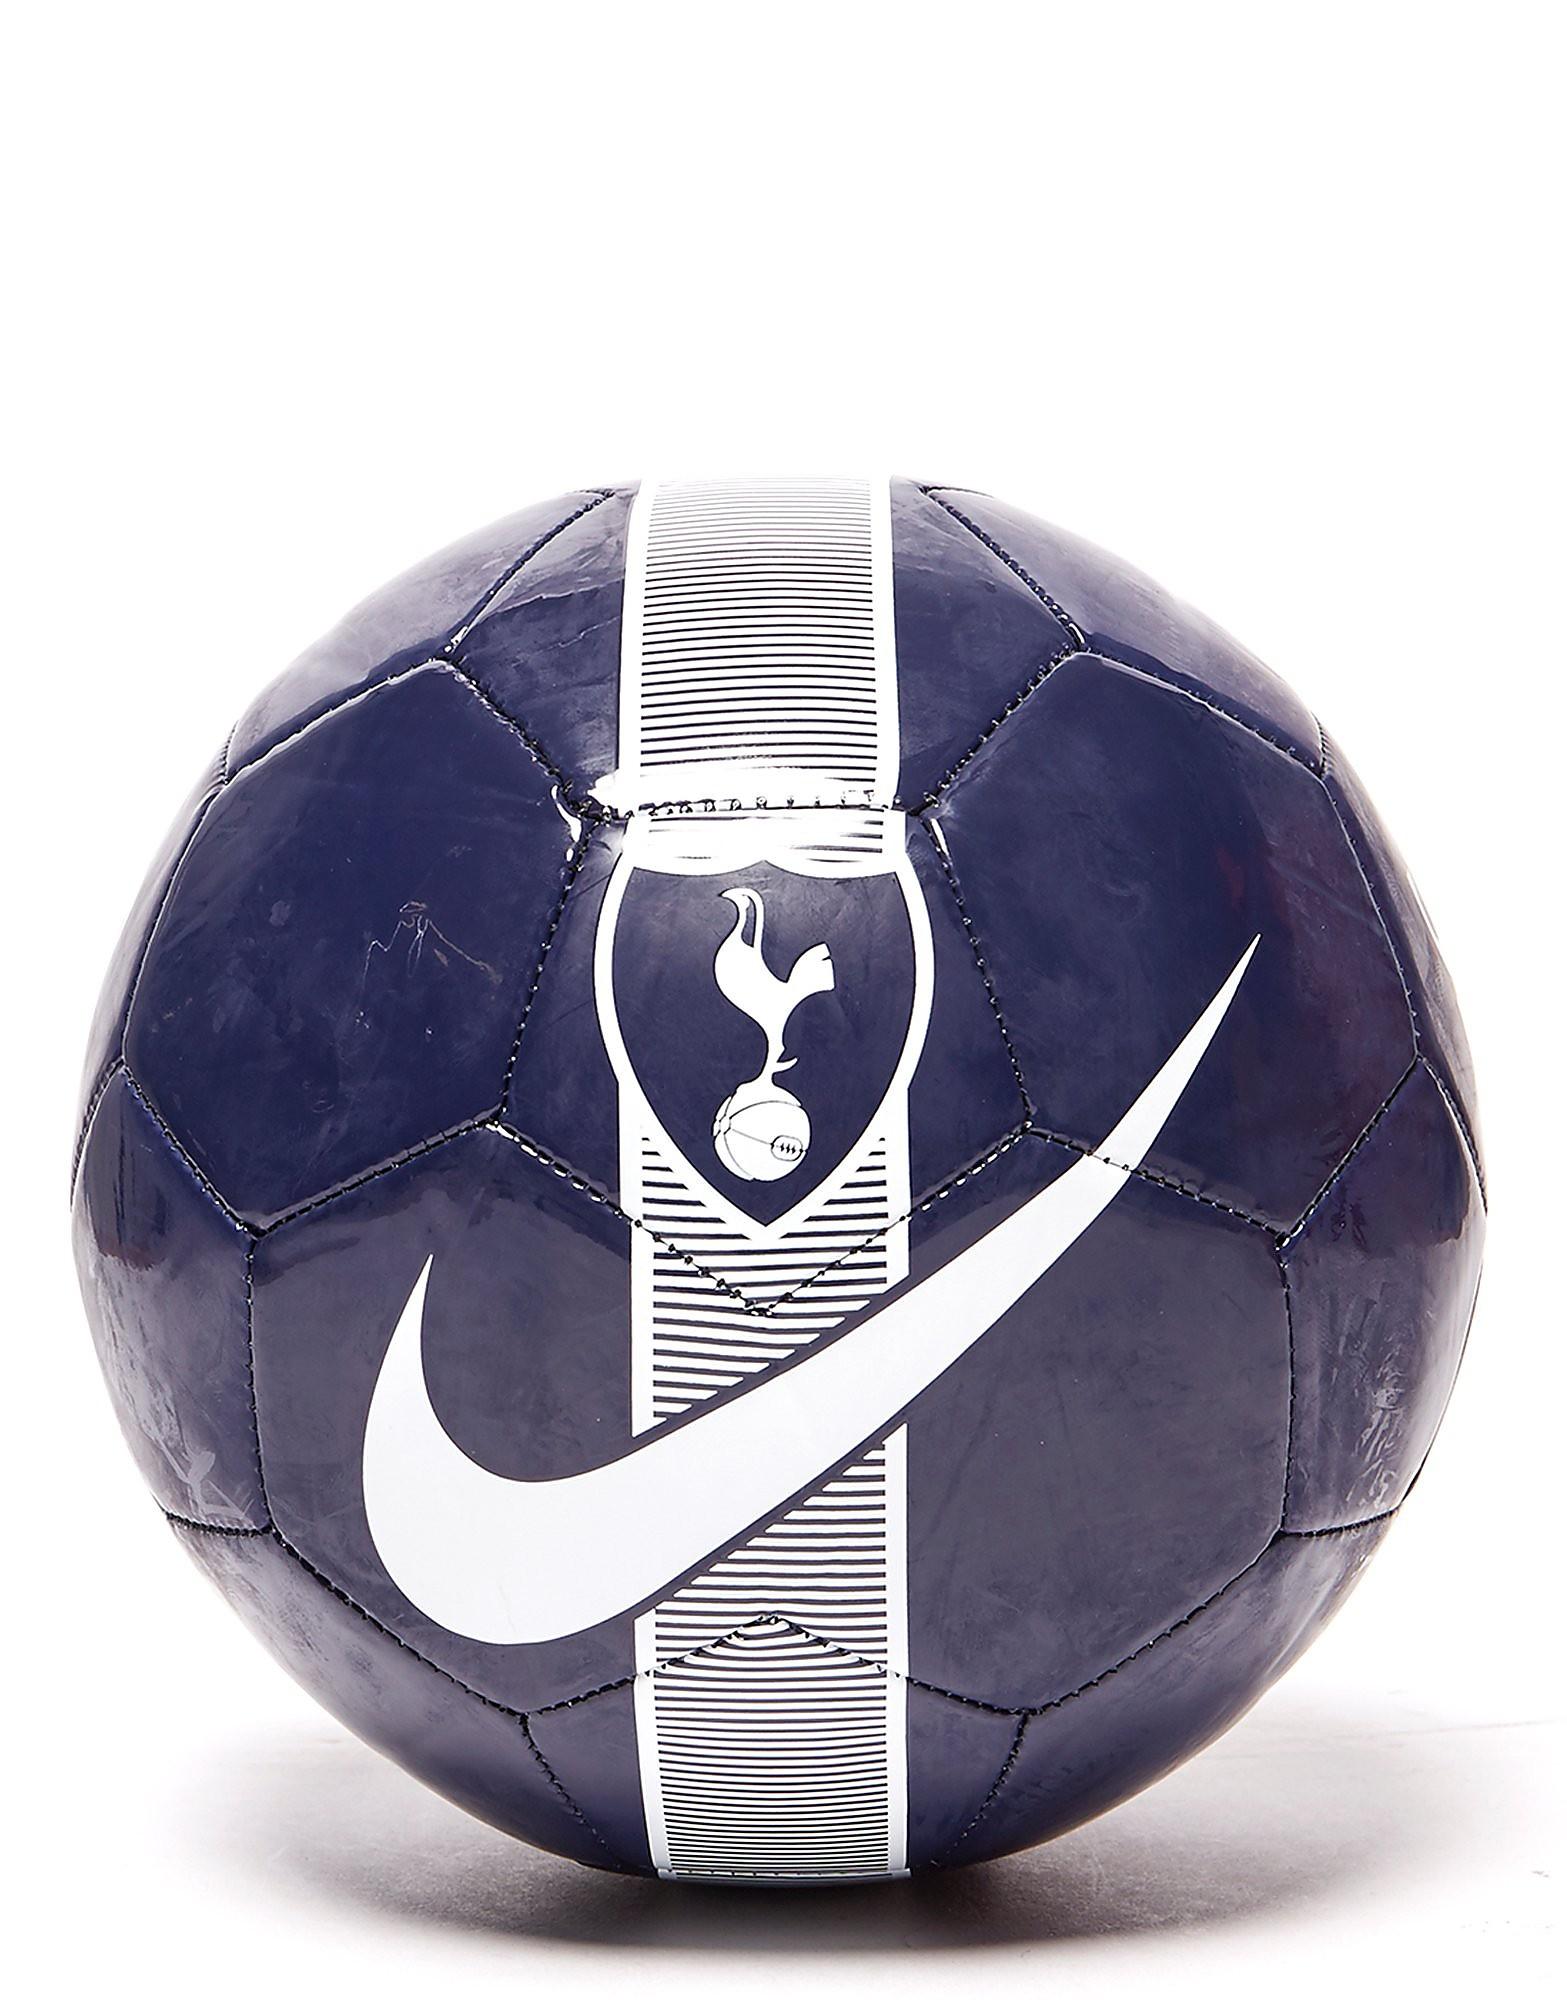 Nike Tottenham Hotspur FC Football